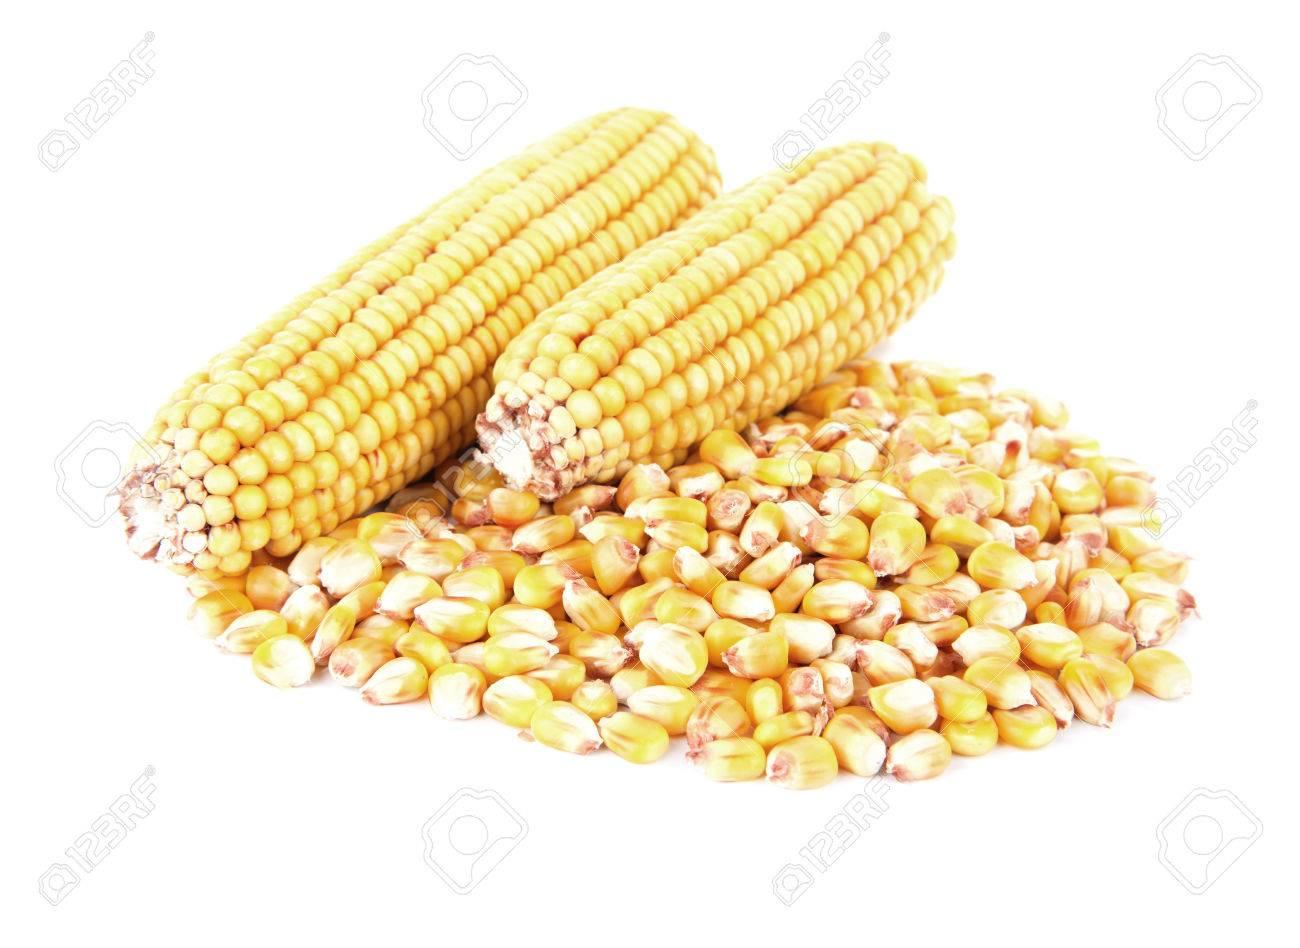 Corn - 35873181